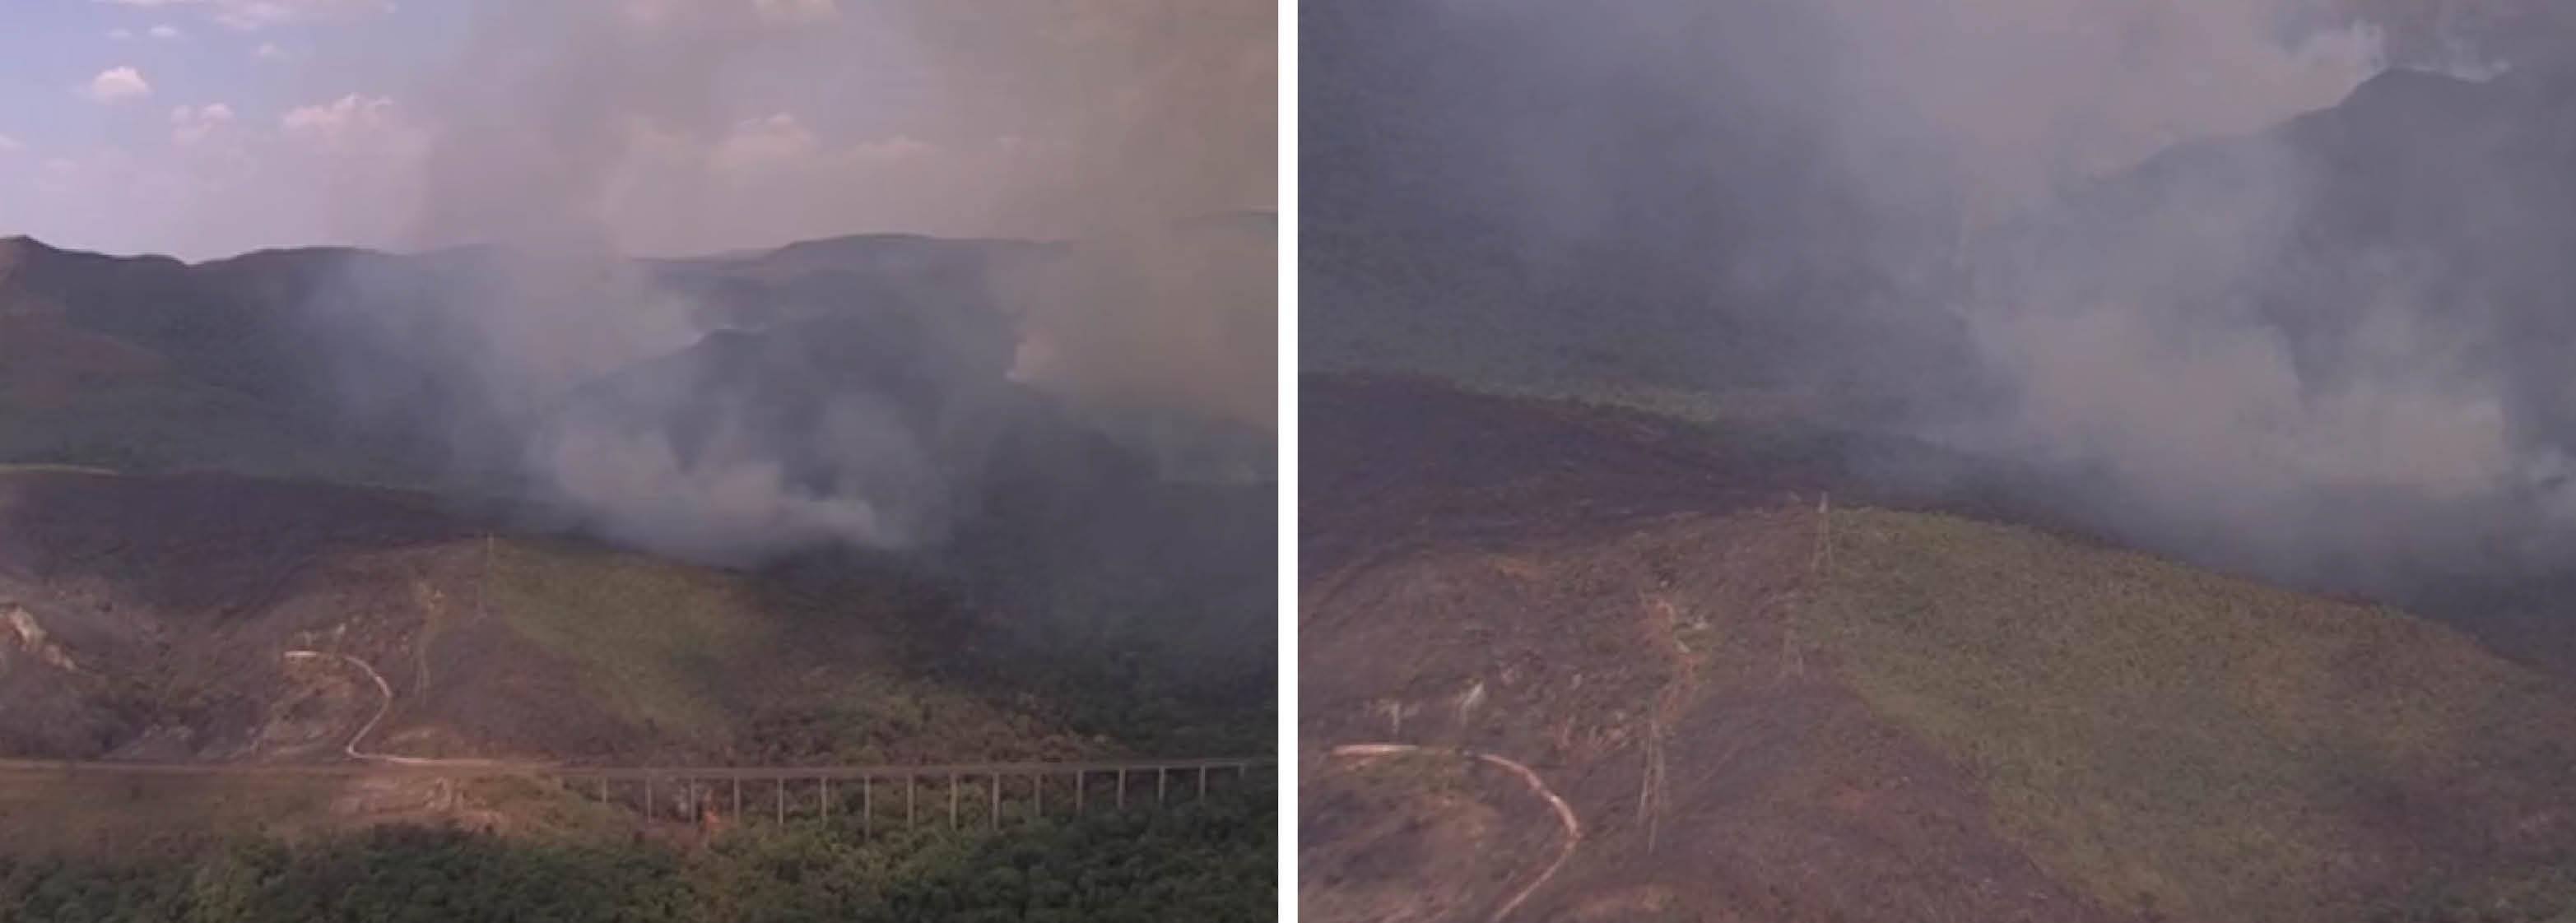 Já são quatro dias que um incêndio criminoso atinge o Parque Estadual da Serra do Rola-Moça, em Belo Horizonte; as chamas seguem descontroladas ; bombeiros passaram a noite na área de preservação tentando apagar as chamas; no início da manhã deste sábado (17) ganharam a companhia de brigadistas; um helicóptero foi deslocado para ajudar no combate